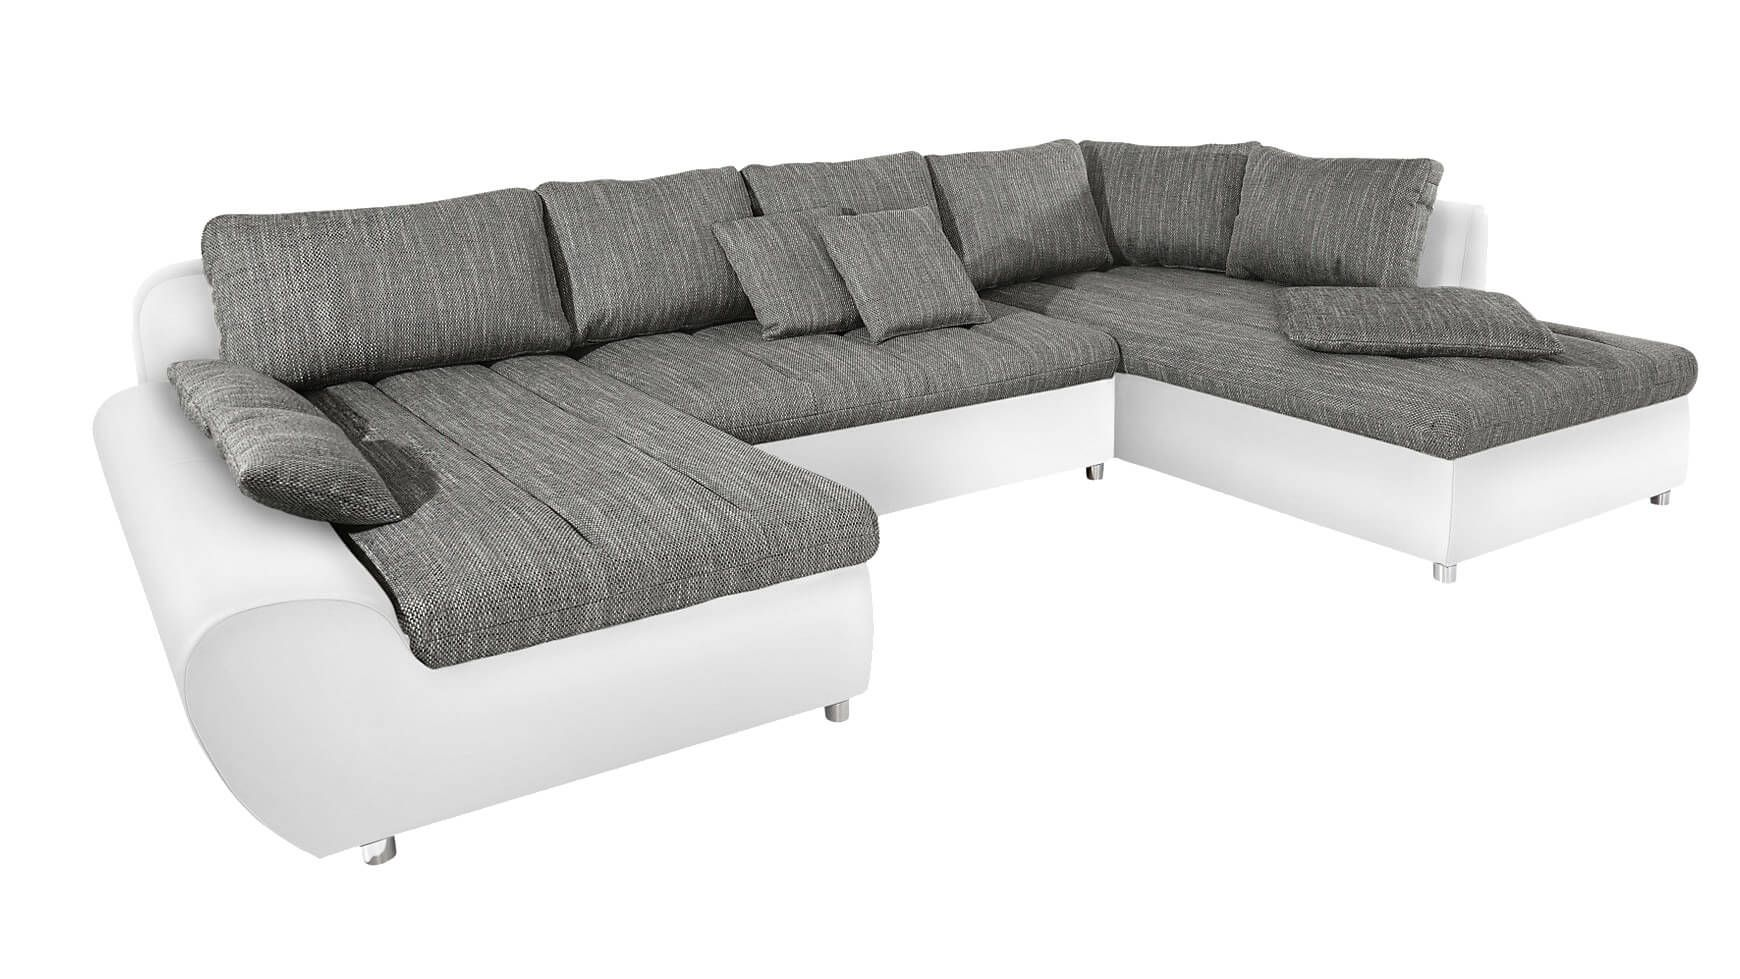 Tolle Sofa Wohnlandschaft Deutsche In 2019 Sofa Couch